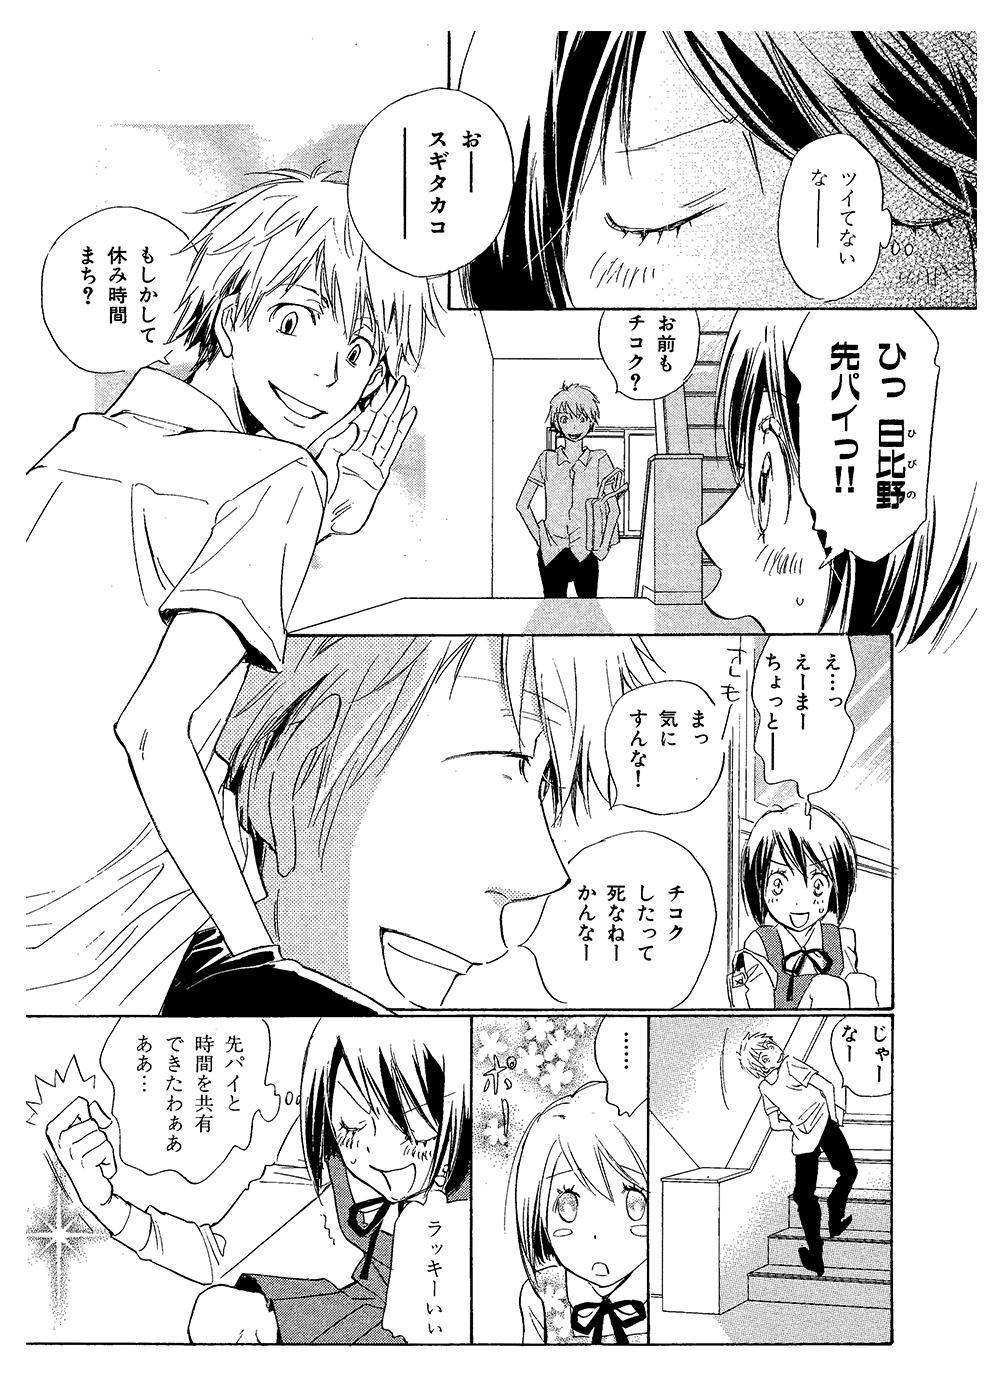 時間の歩き方 第1話 ①jikan01-09.jpg